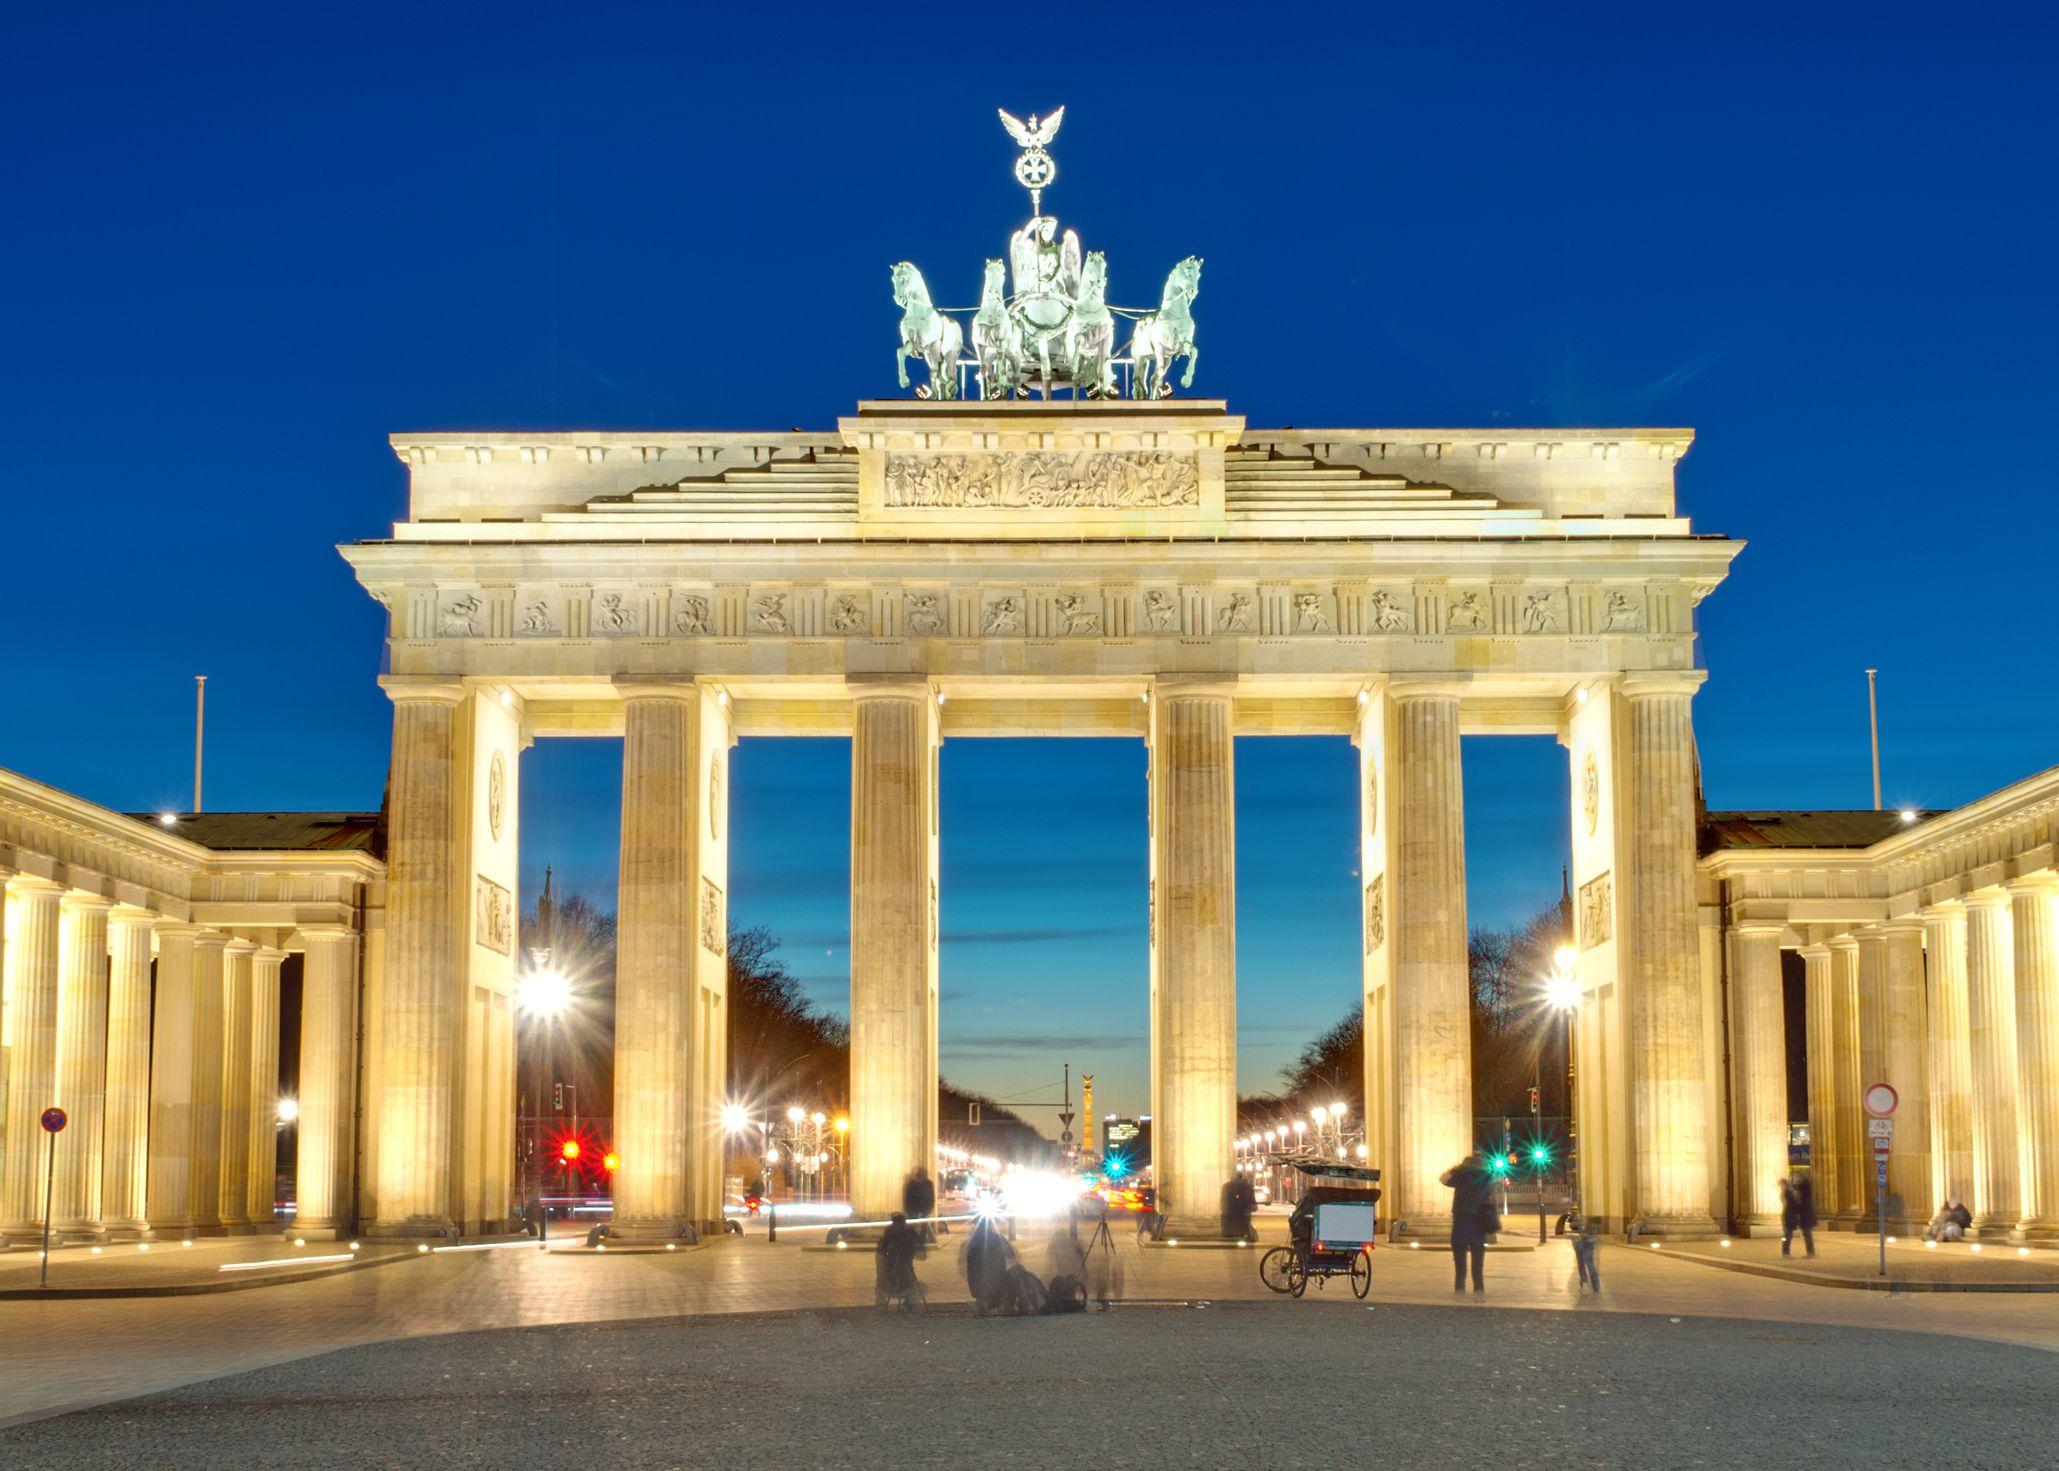 Bild vom Brandenburger Tor in Berlin